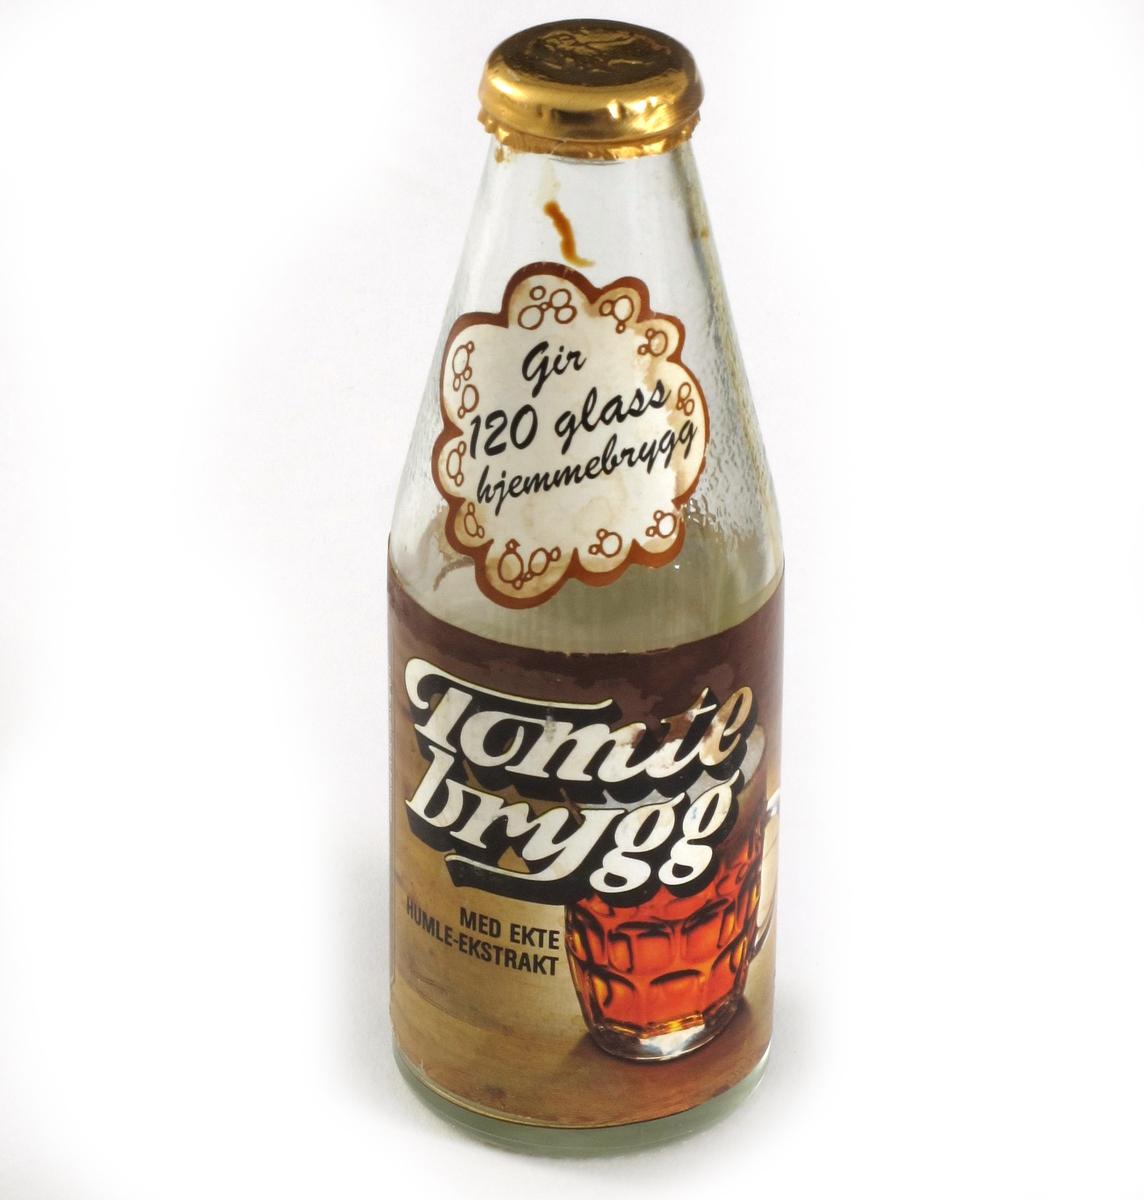 Glass med øl på etikett. Instemplet en nisse i kapselen.